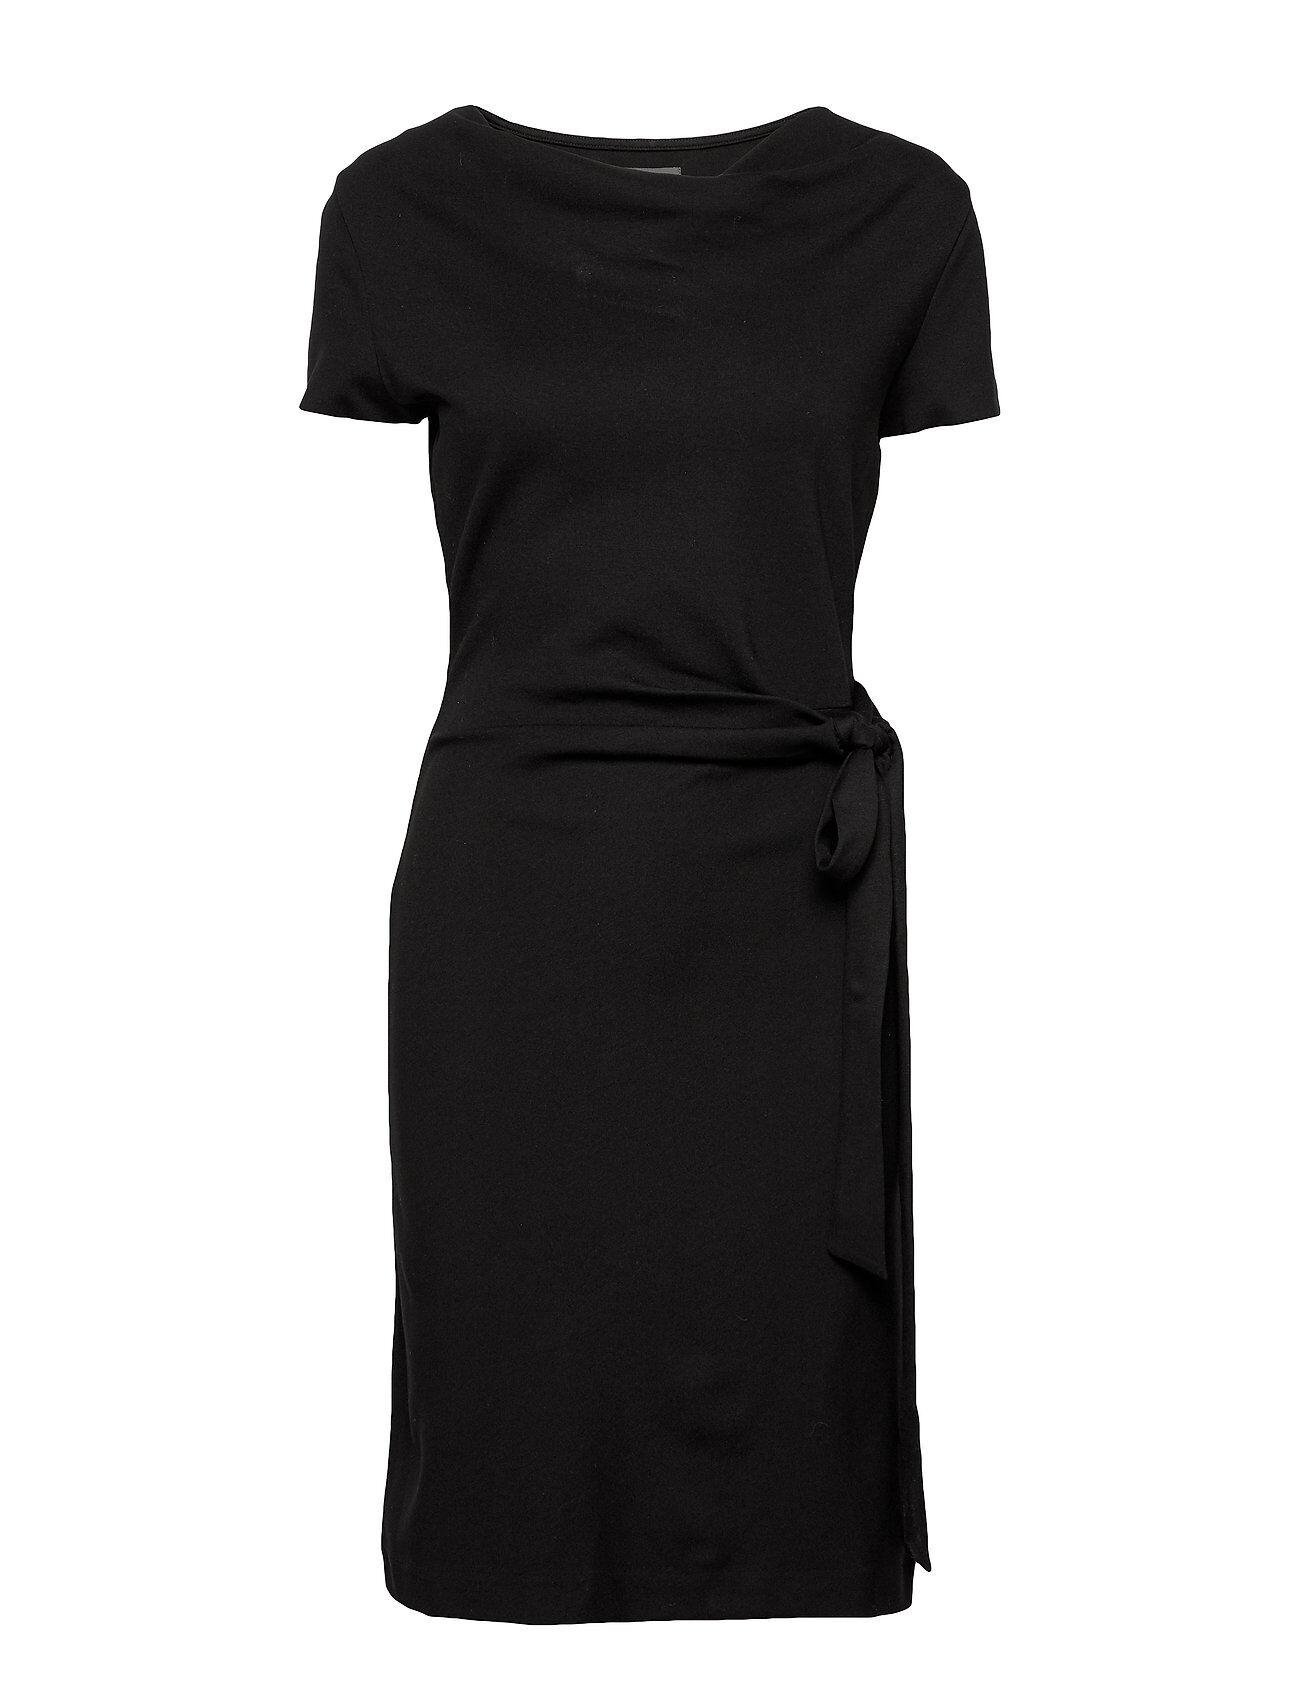 Residus Lily Ecovero Dress Polvipituinen Mekko Musta Residus